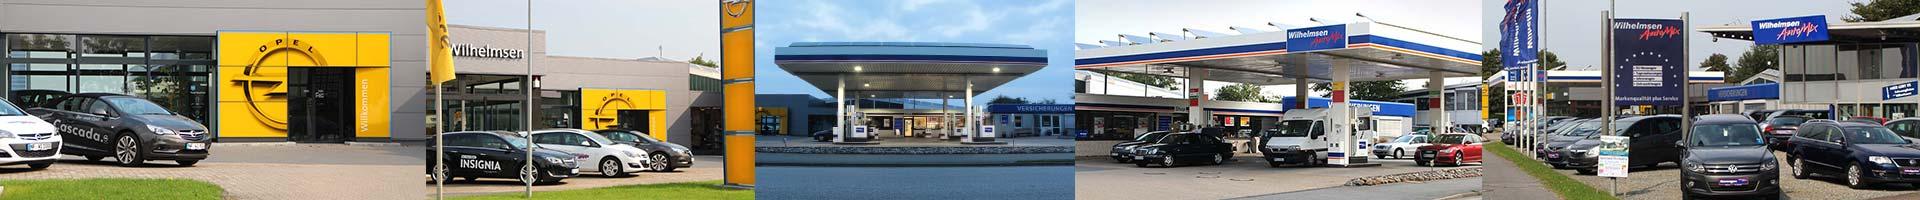 Wilhelmsen AutoMix - Opelhändler Tankstelle Gebrauchtwagen Versicherung Werkstatt